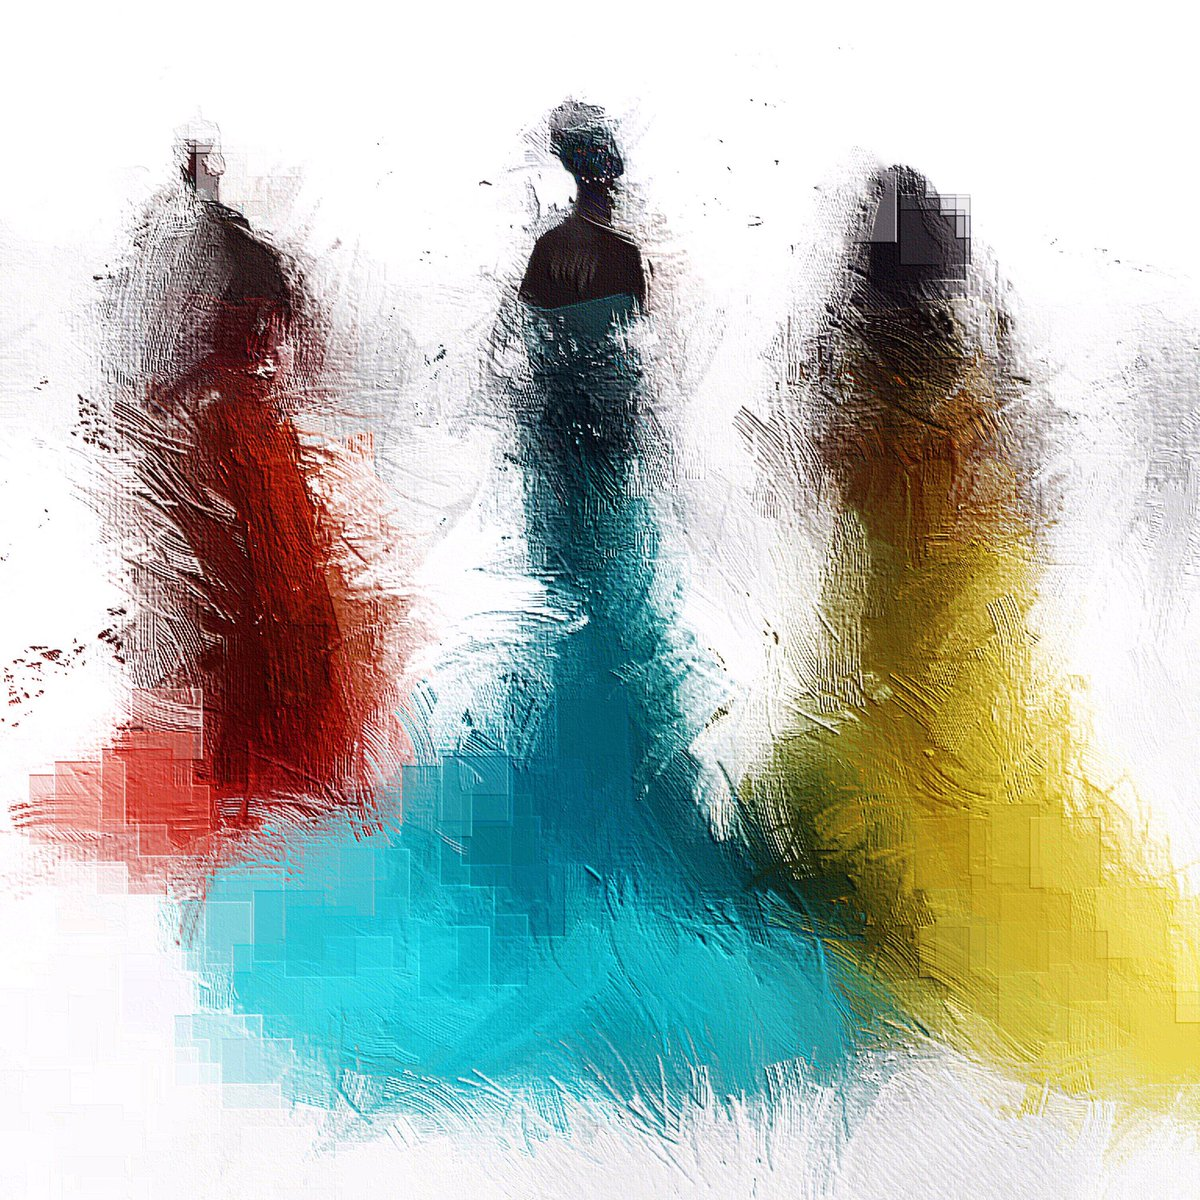 African Dreams.  #createdonmyiphone #fineart #art #iphoneart https://t.co/Rpgsv9KkAp